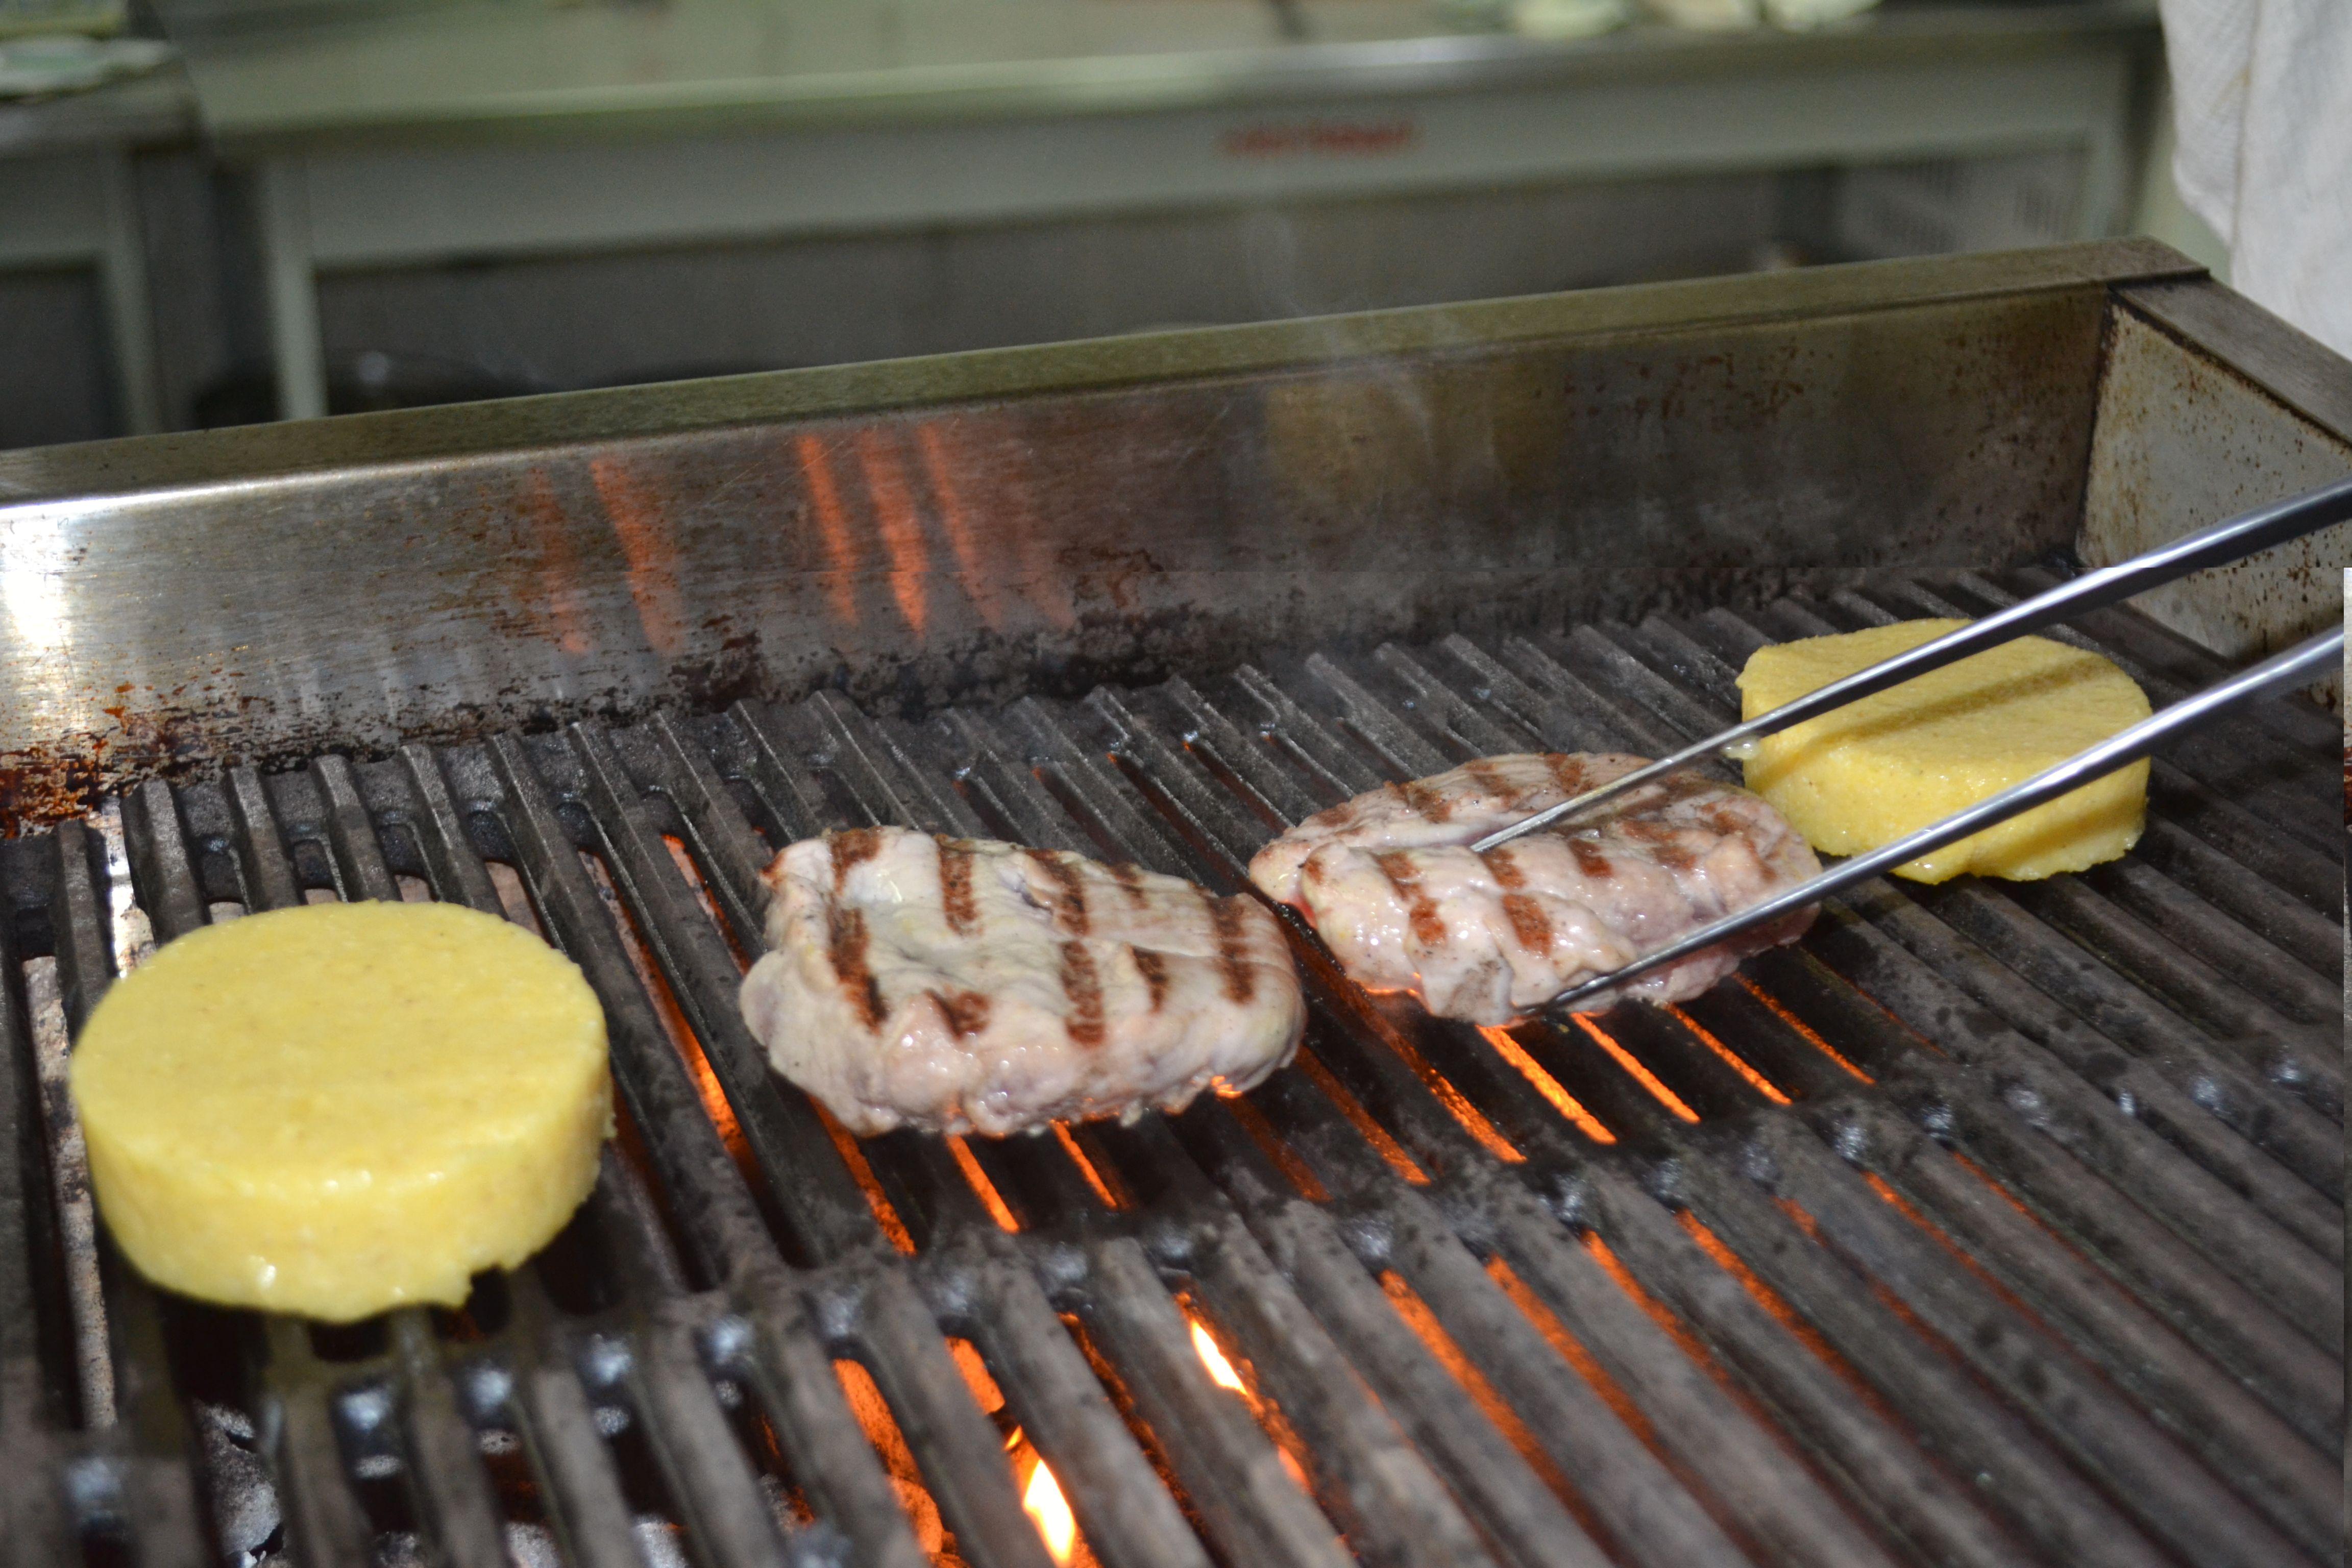 Відрізати від шматка м'яса два стейки, обсмажити на грилі з полентою